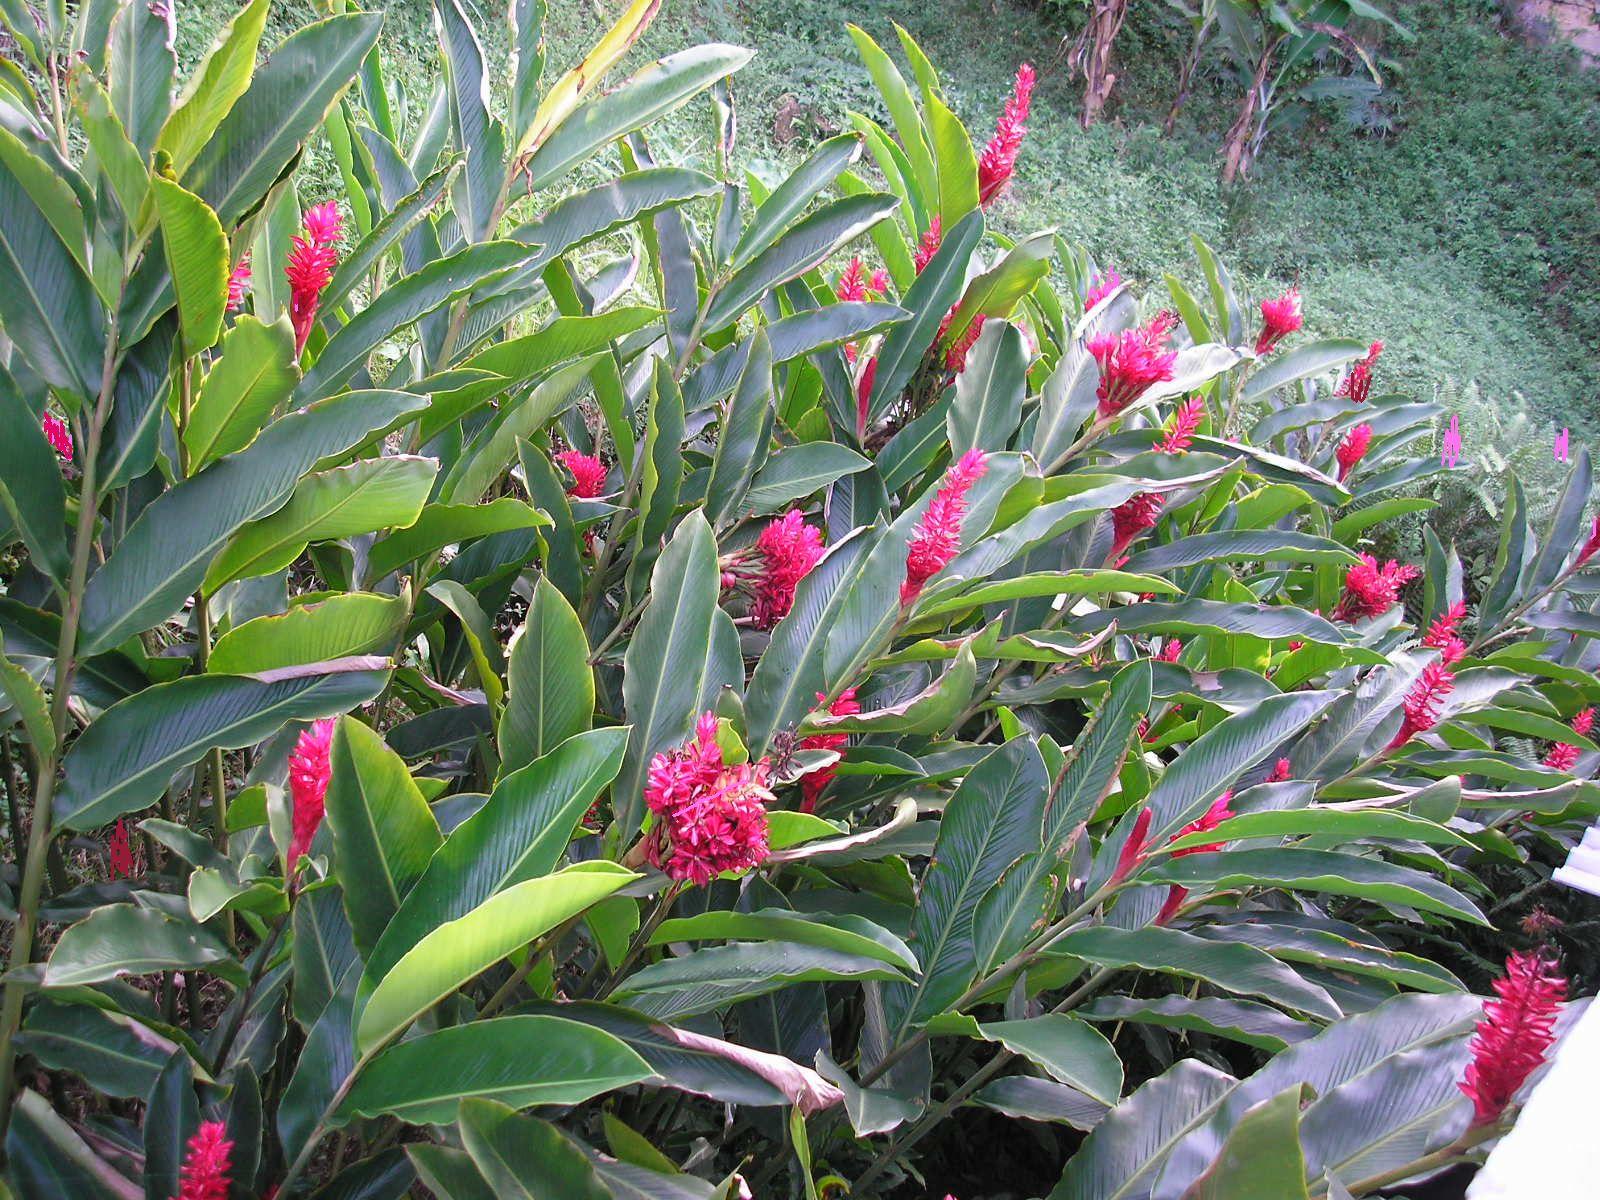 plantas de jardim lista:Alguém saberia o nome desta planta? Se souberem me informem